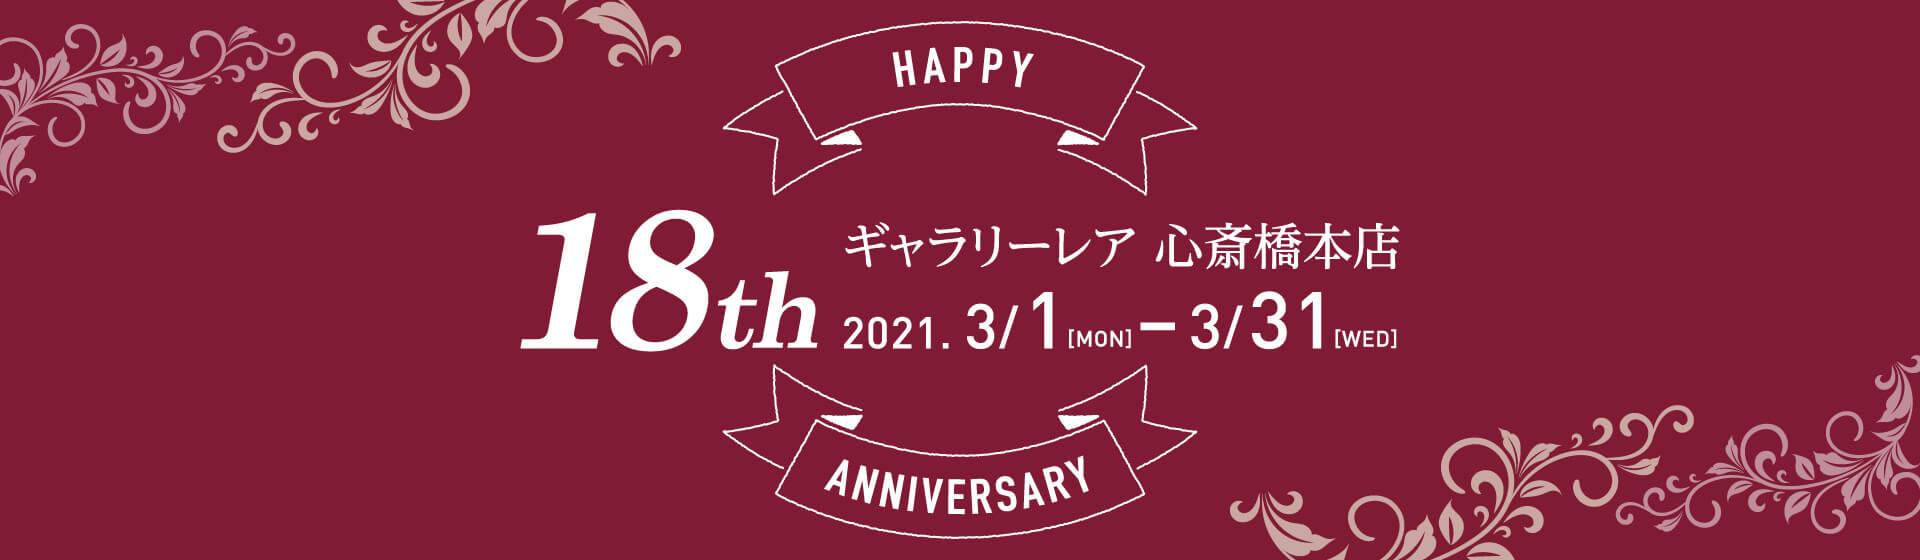 心斎橋本店18周年